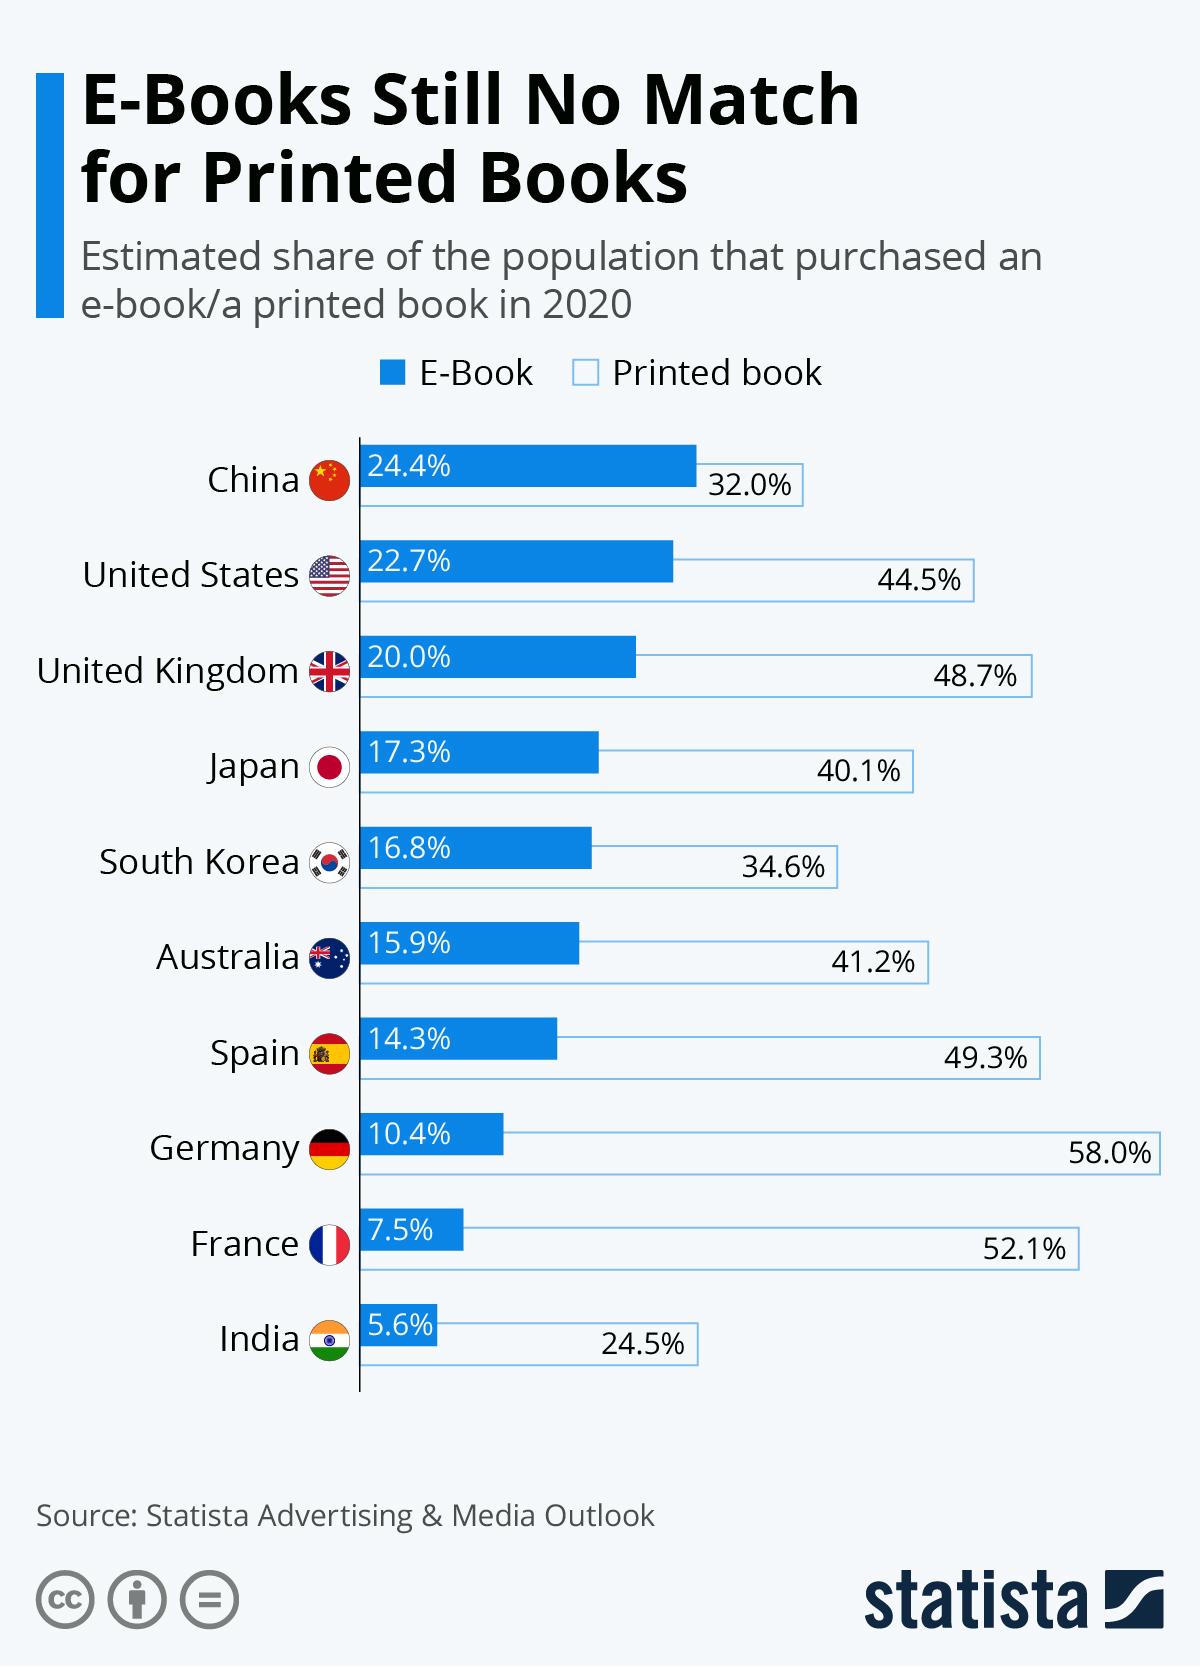 Синим цветом обозначены респонденты, купившие электронные книги, белым — бумажные. Иллюстрация — Statista's Advertising & Media Outlook.